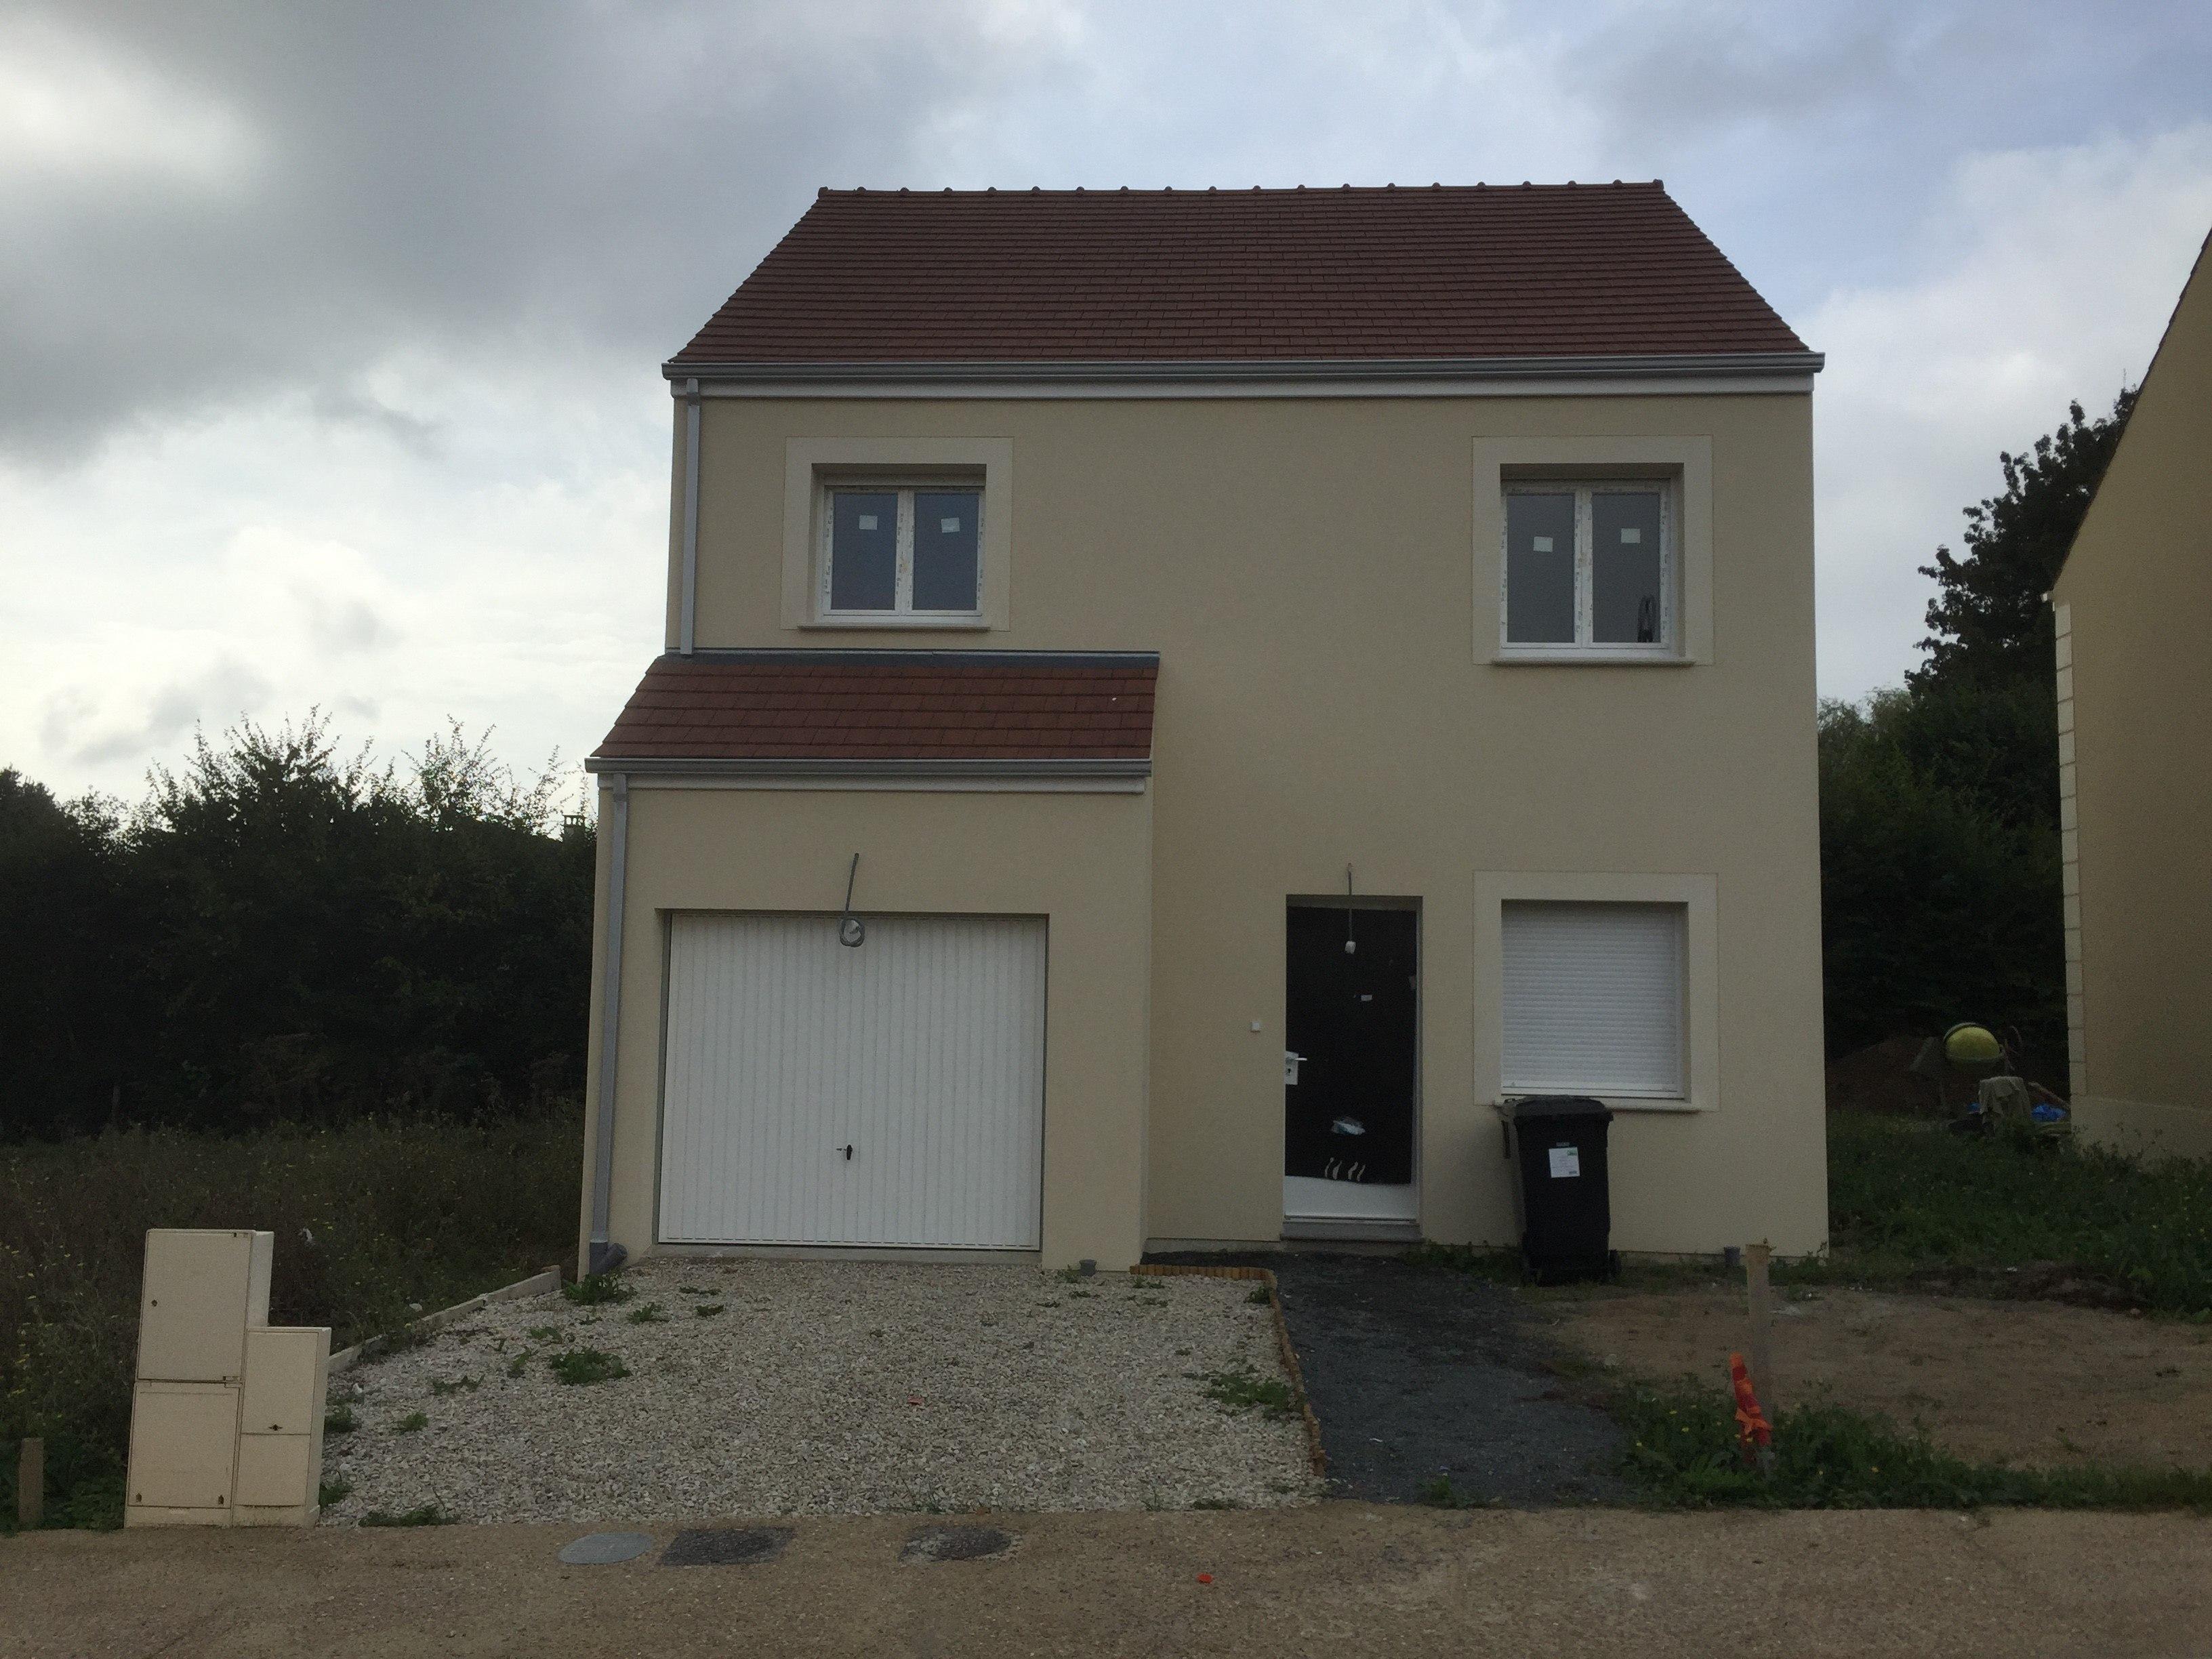 Maisons + Terrains du constructeur LES MAISONS.COM AULNAY SOUS BOIS • 86 m² • VAUJOURS